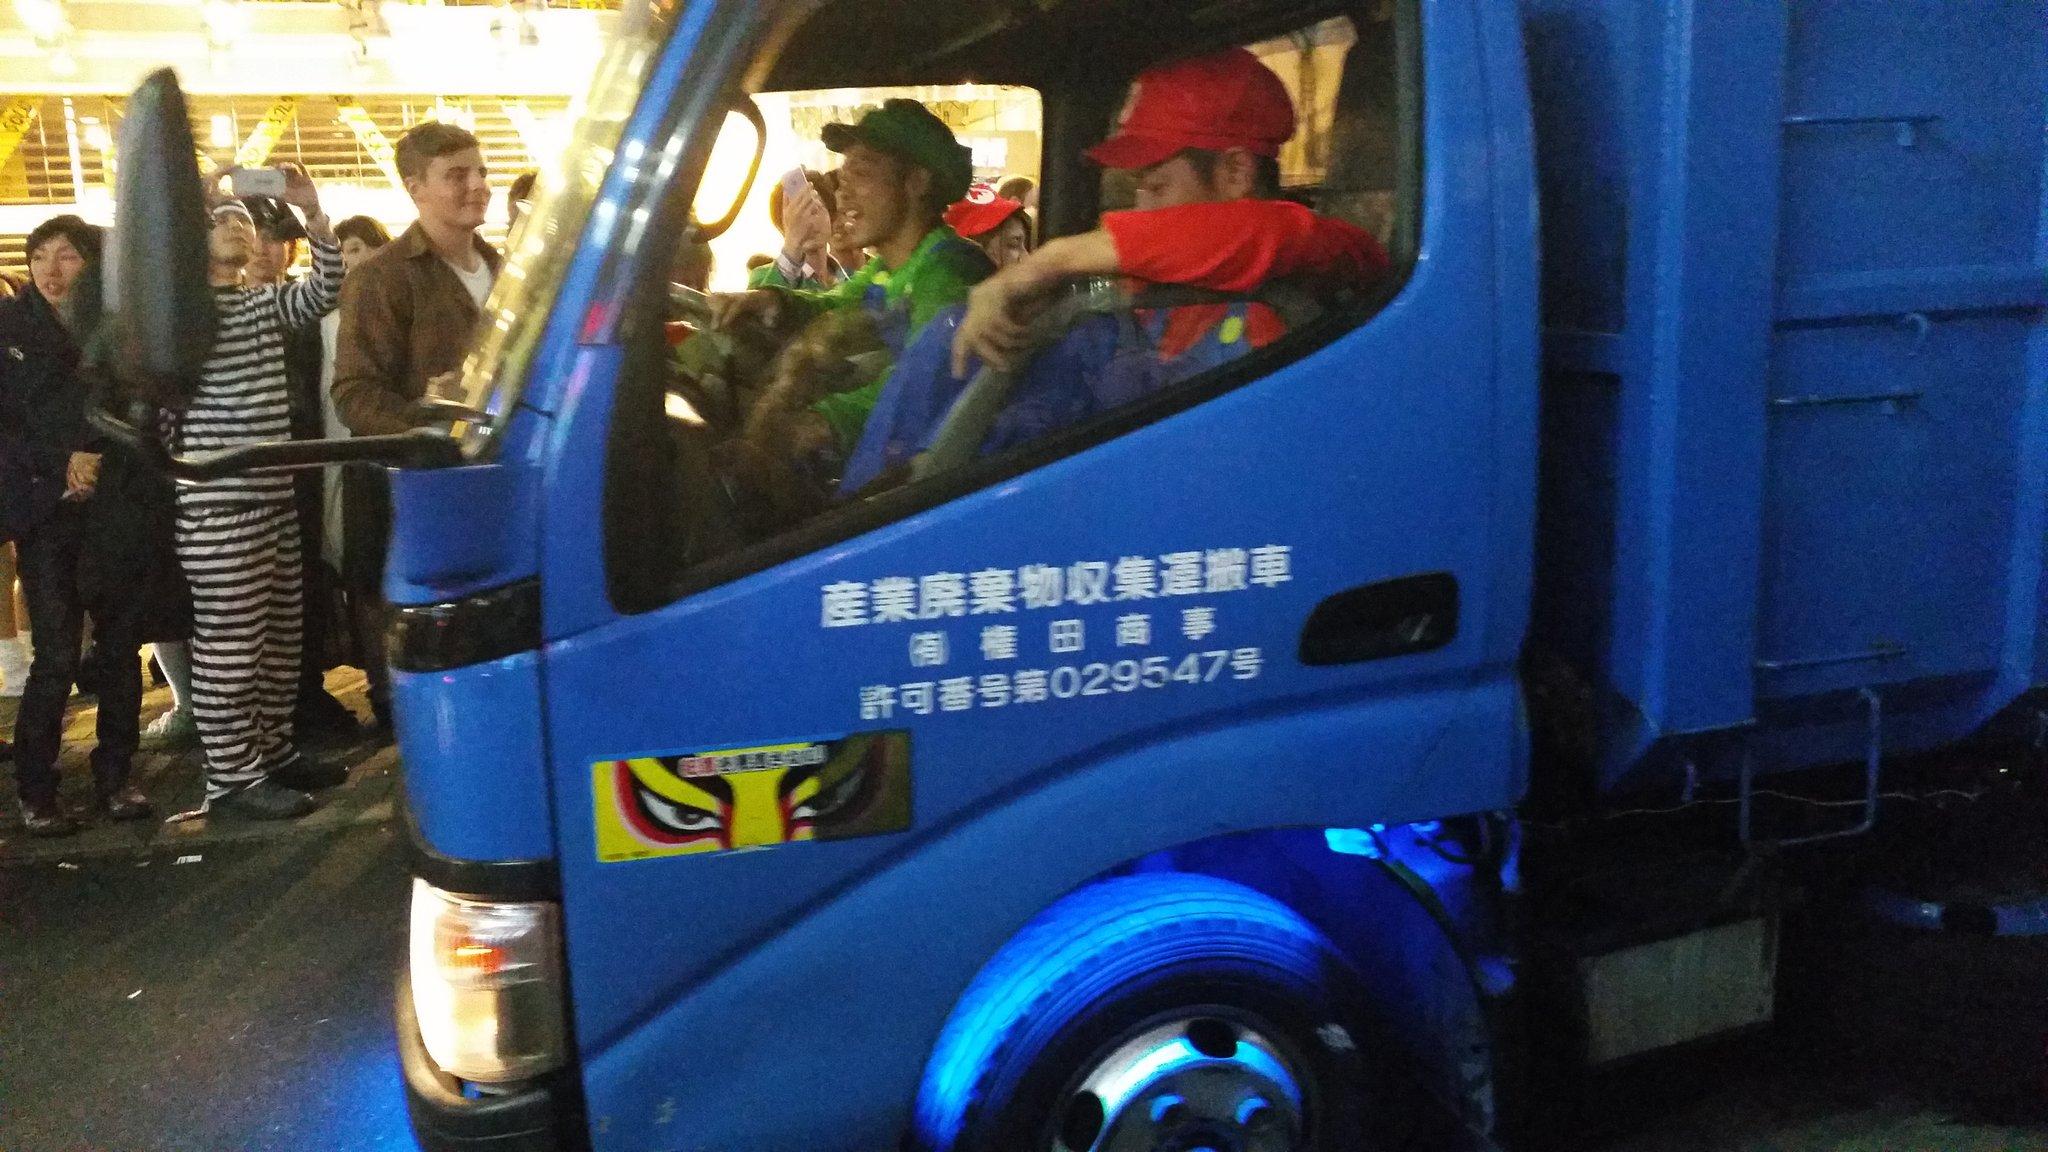 ハロウィン後の渋谷の朝をマリオ達が無敵のBGMをかけながら清掃している。